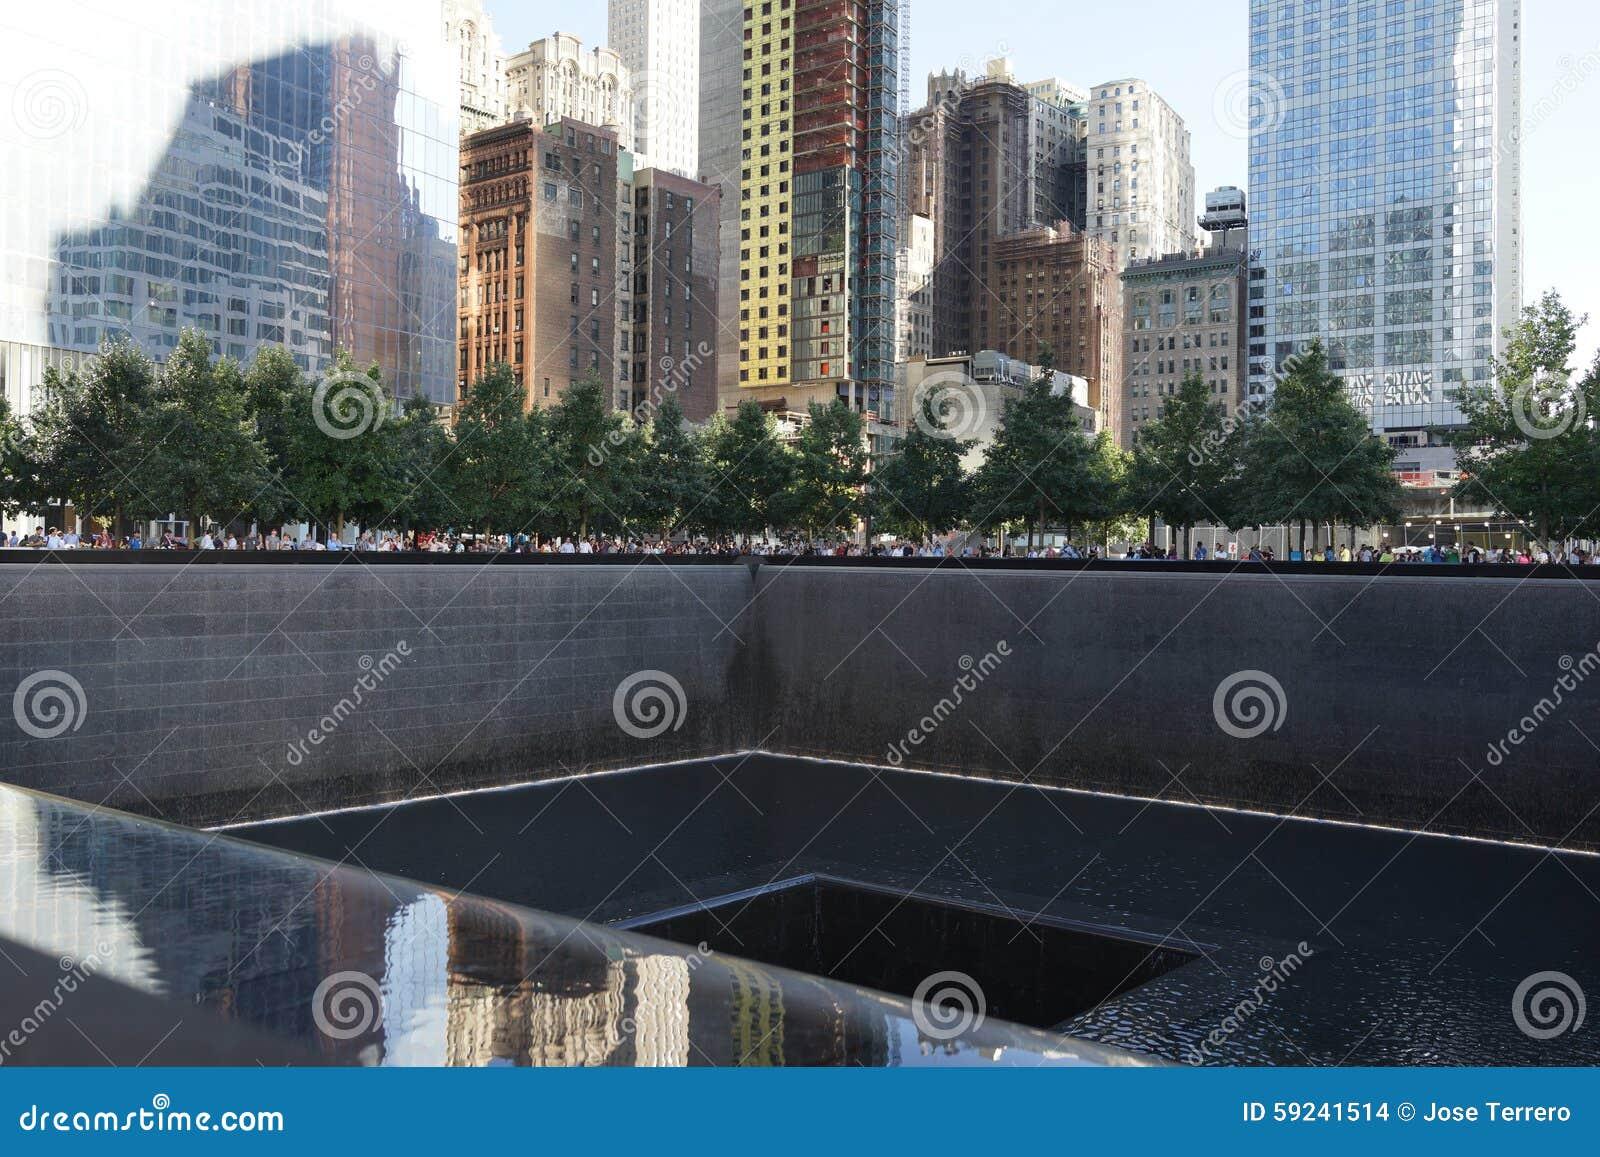 14to aniversario de 9/11 82